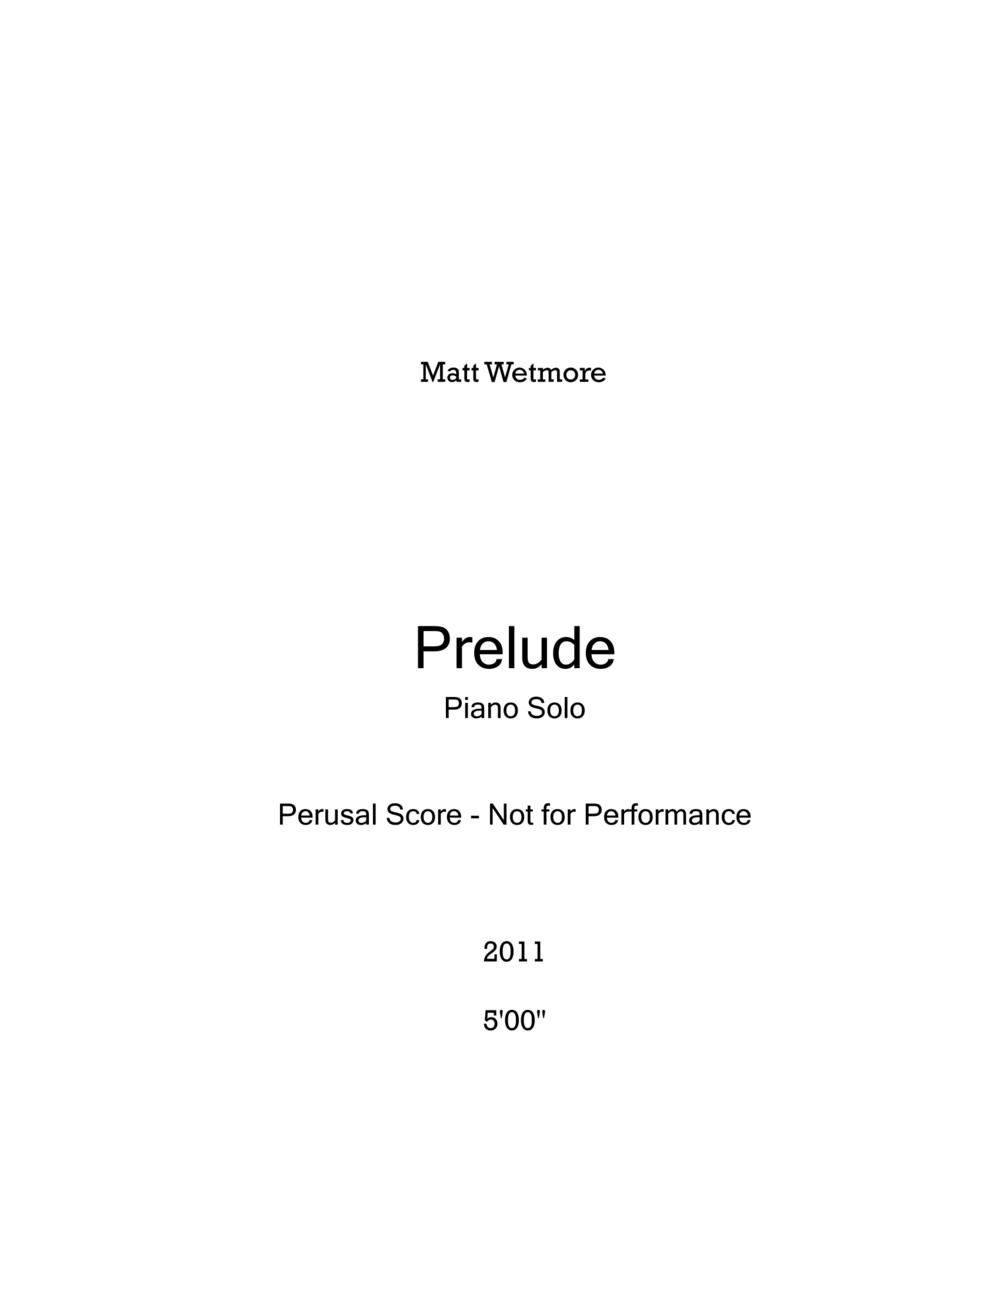 Prelude Perusal-1.png